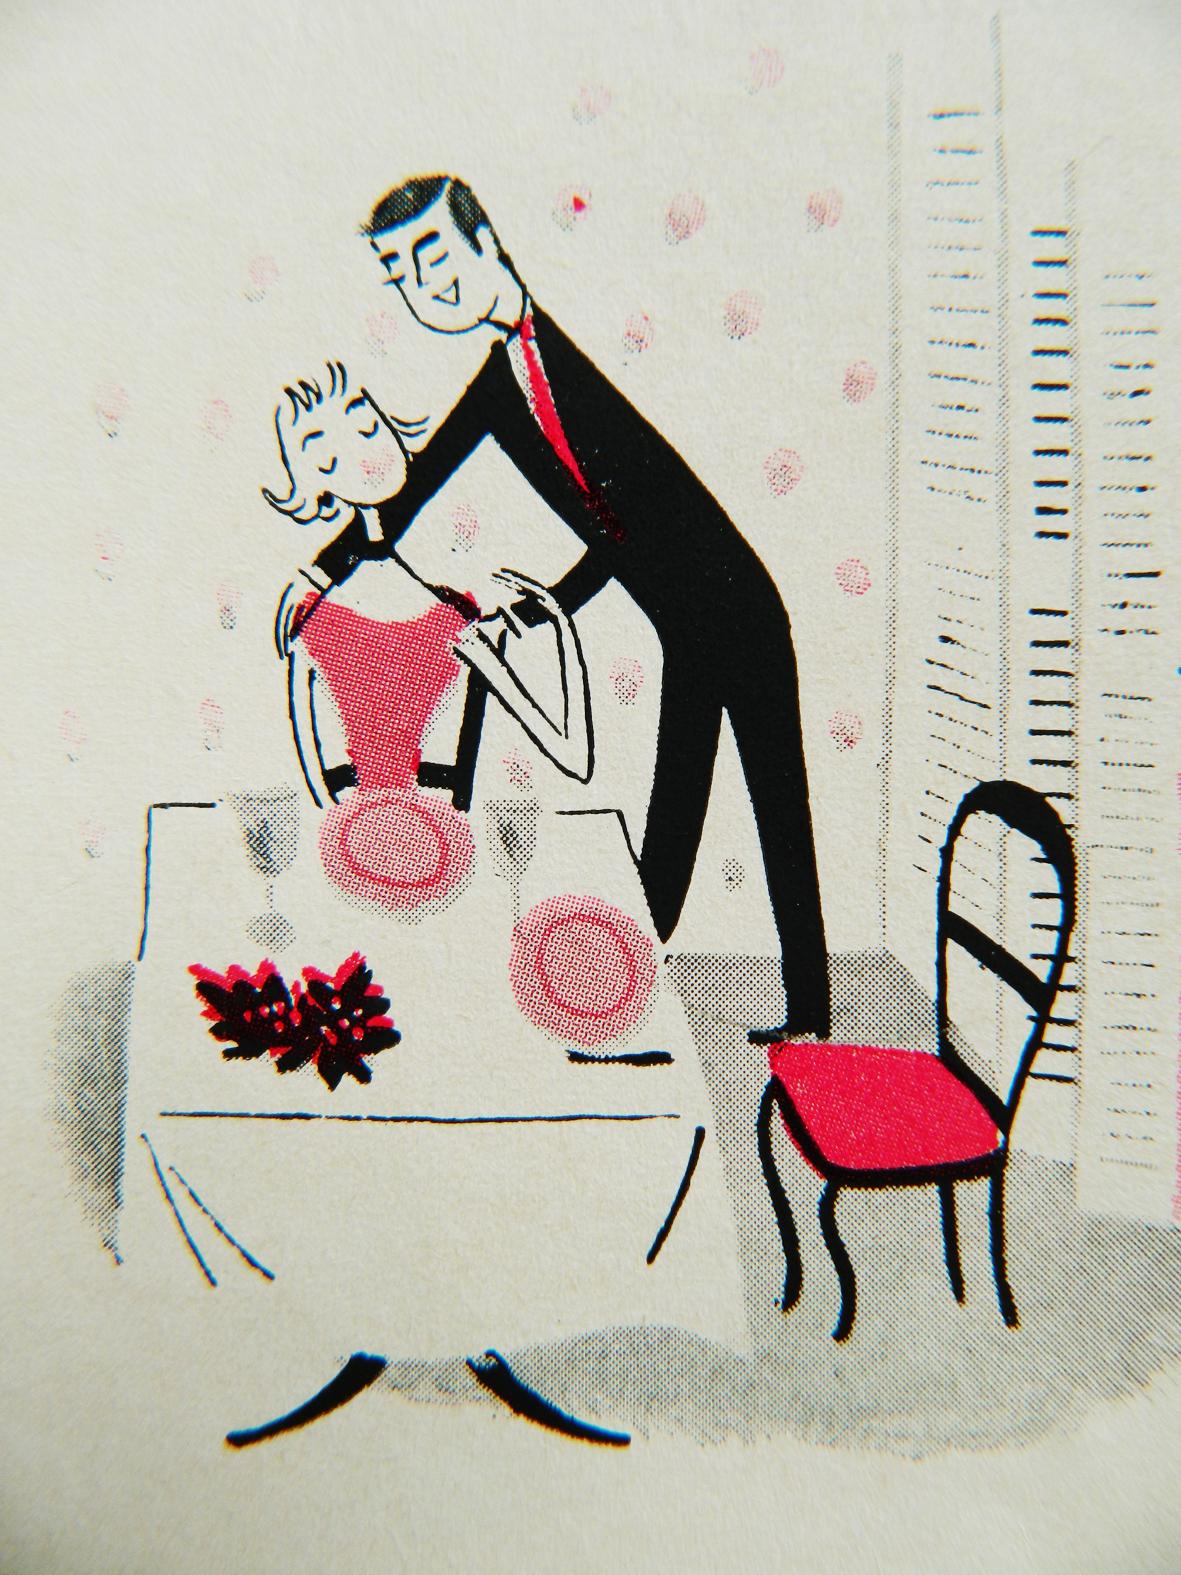 Ellen Giggenbach 1950 S Illustrations